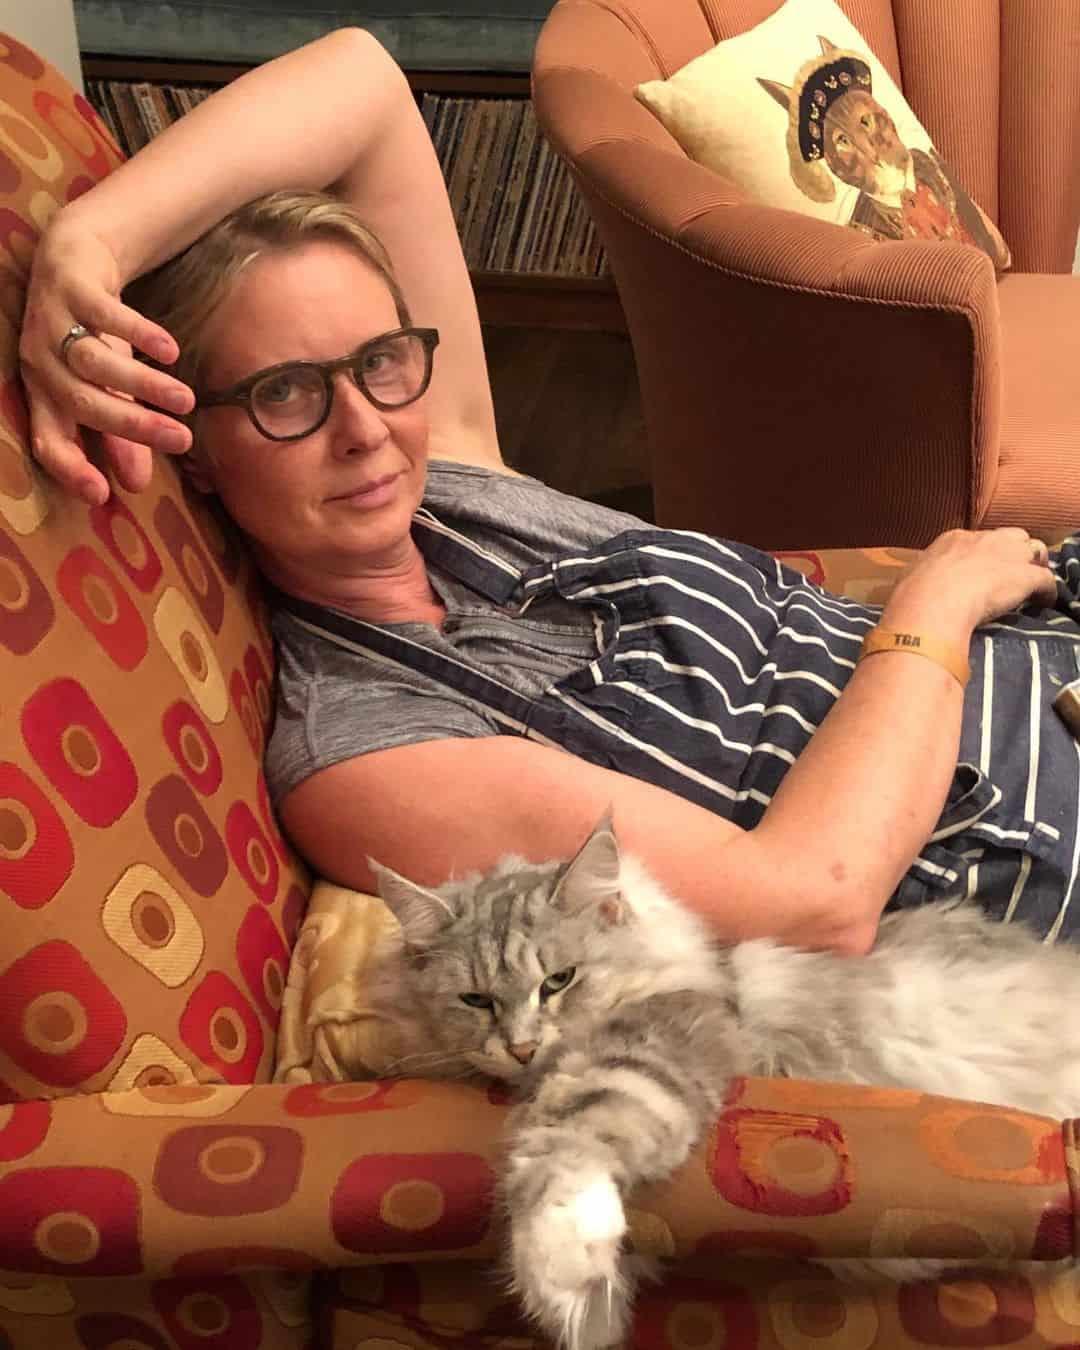 Cynthia Nixon cynthiaenixon lesbian instagram